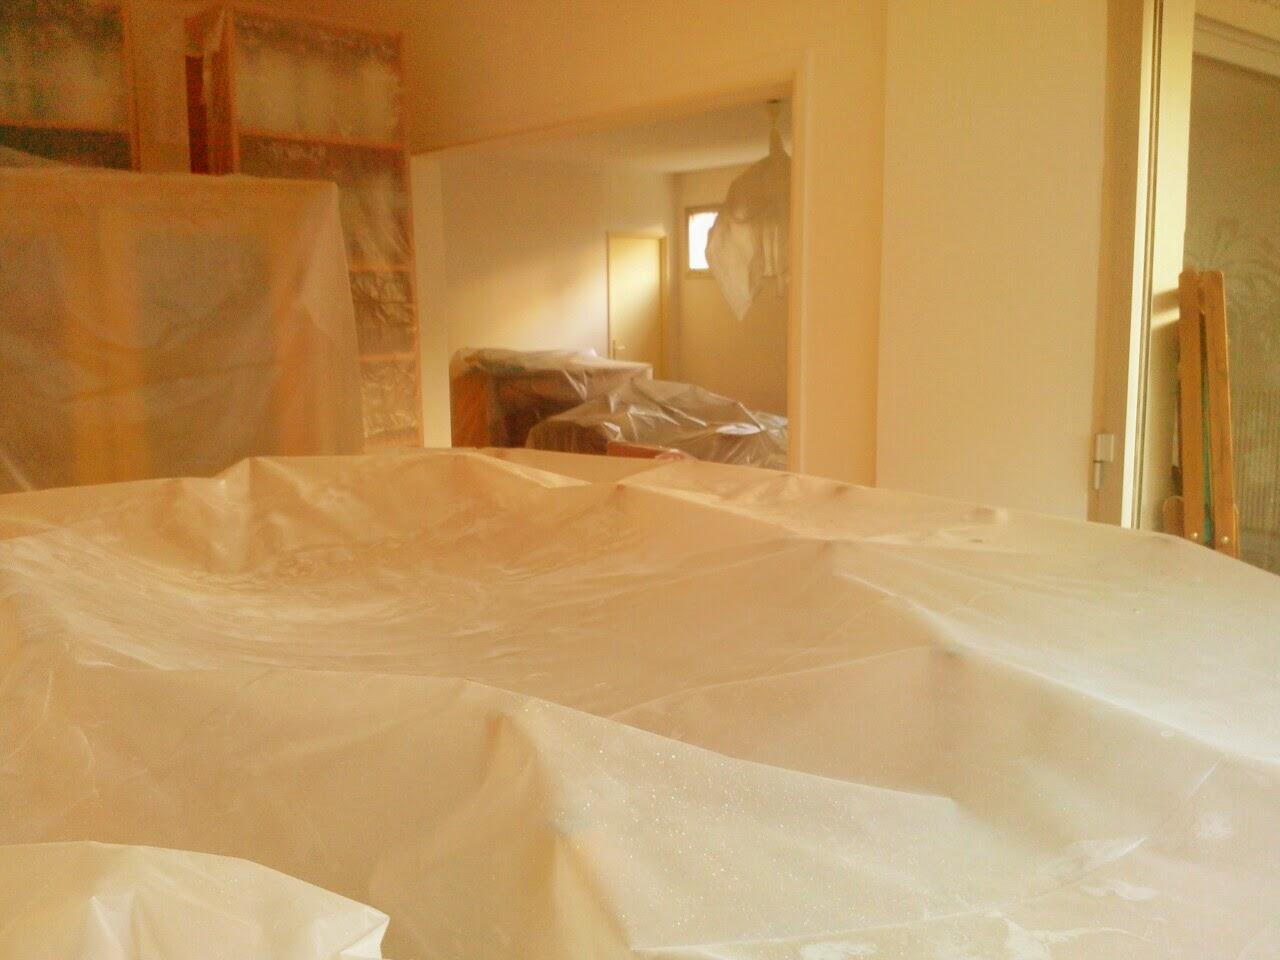 entreprise peinture batiment paris travaux peinture batiment paris devis travaux peinture paris. Black Bedroom Furniture Sets. Home Design Ideas